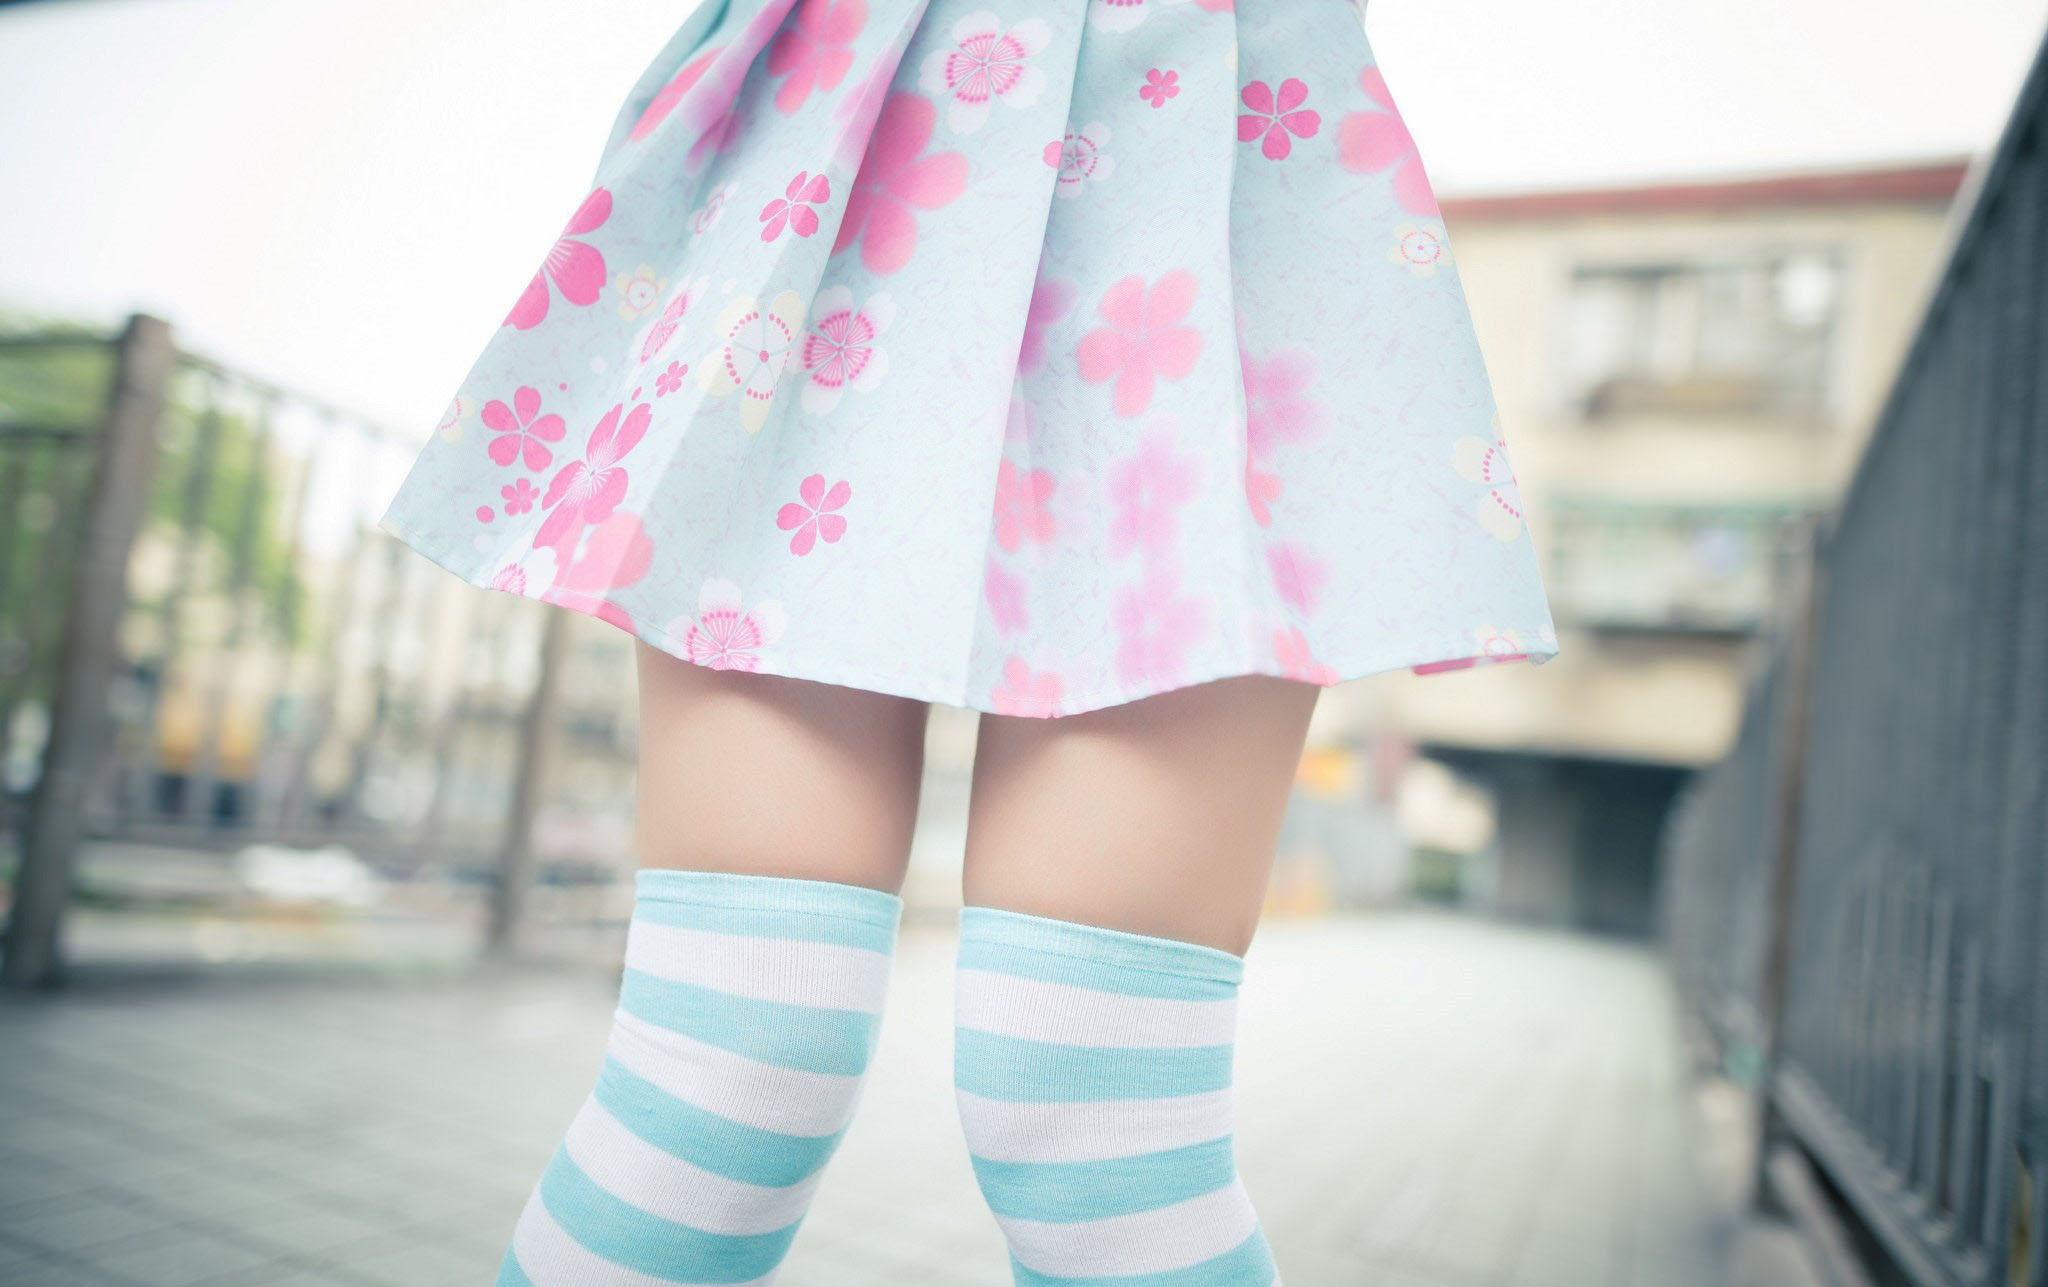 【兔玩映画】腿控福利-杂图集锦 兔玩映画 第44张